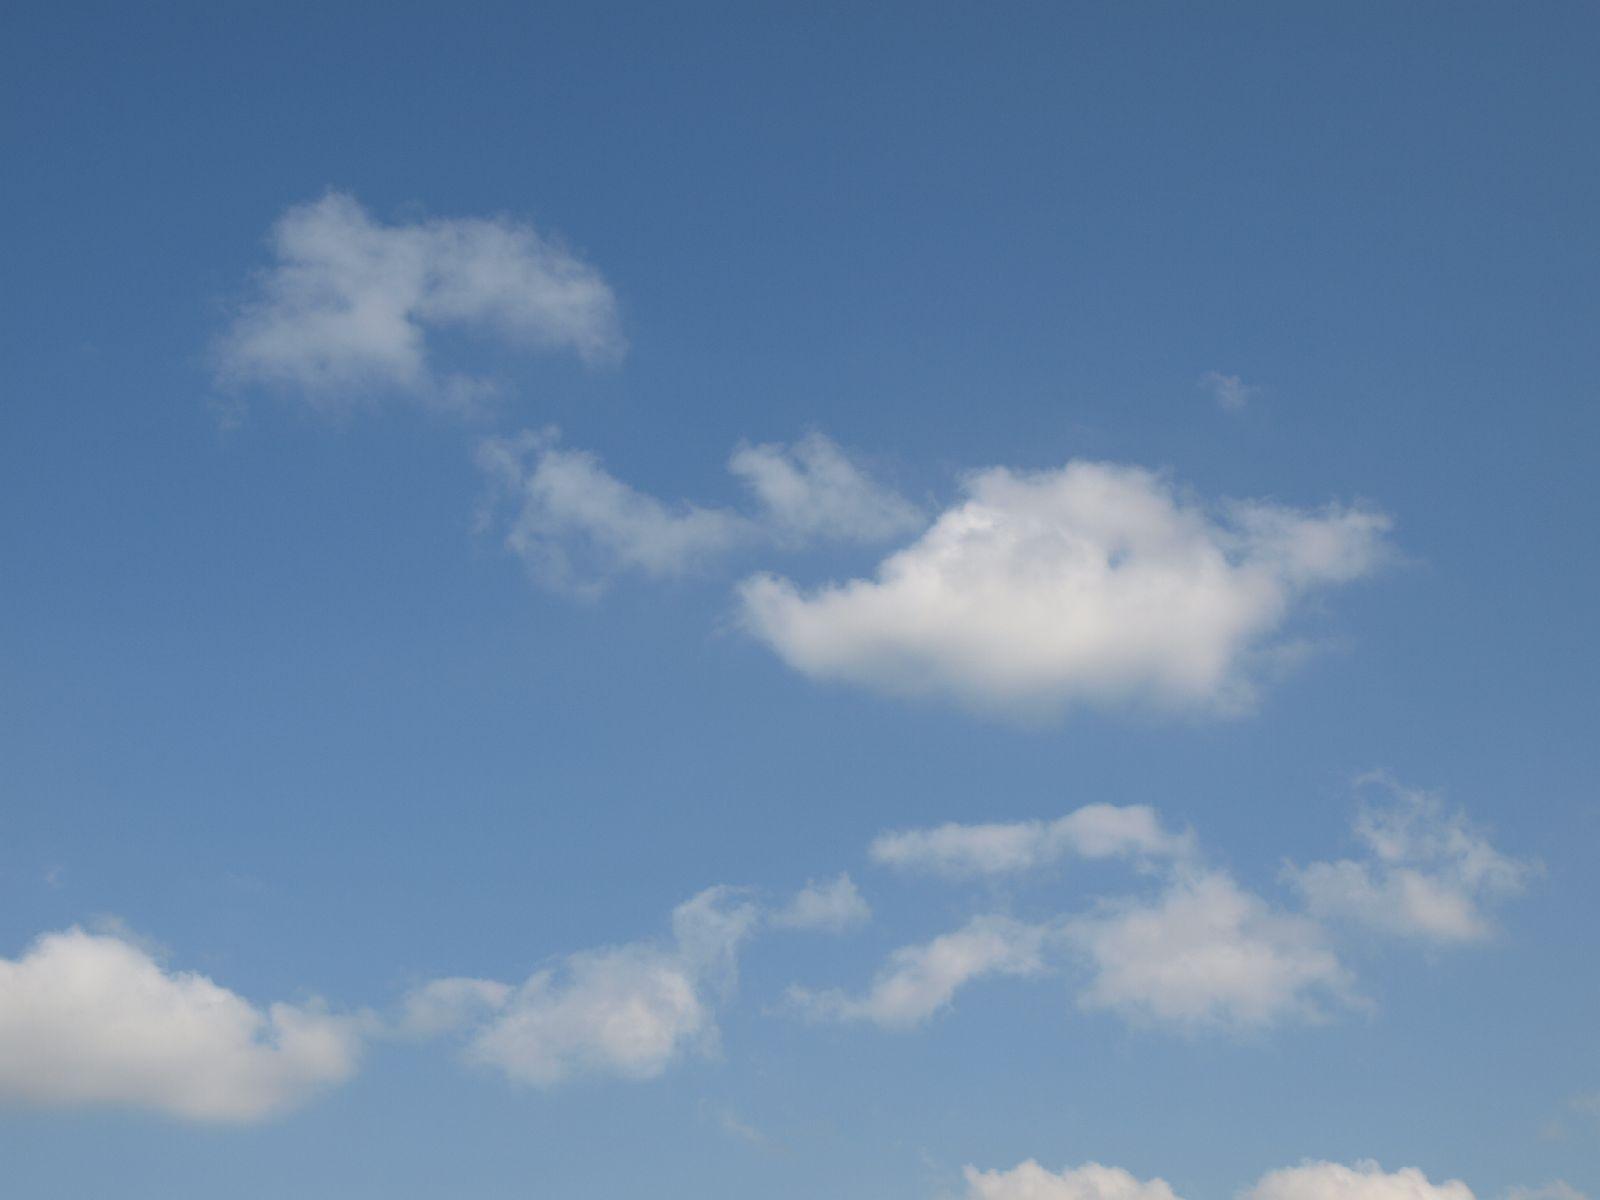 Himmel-Wolken-Foto_Textur_A_P4192469